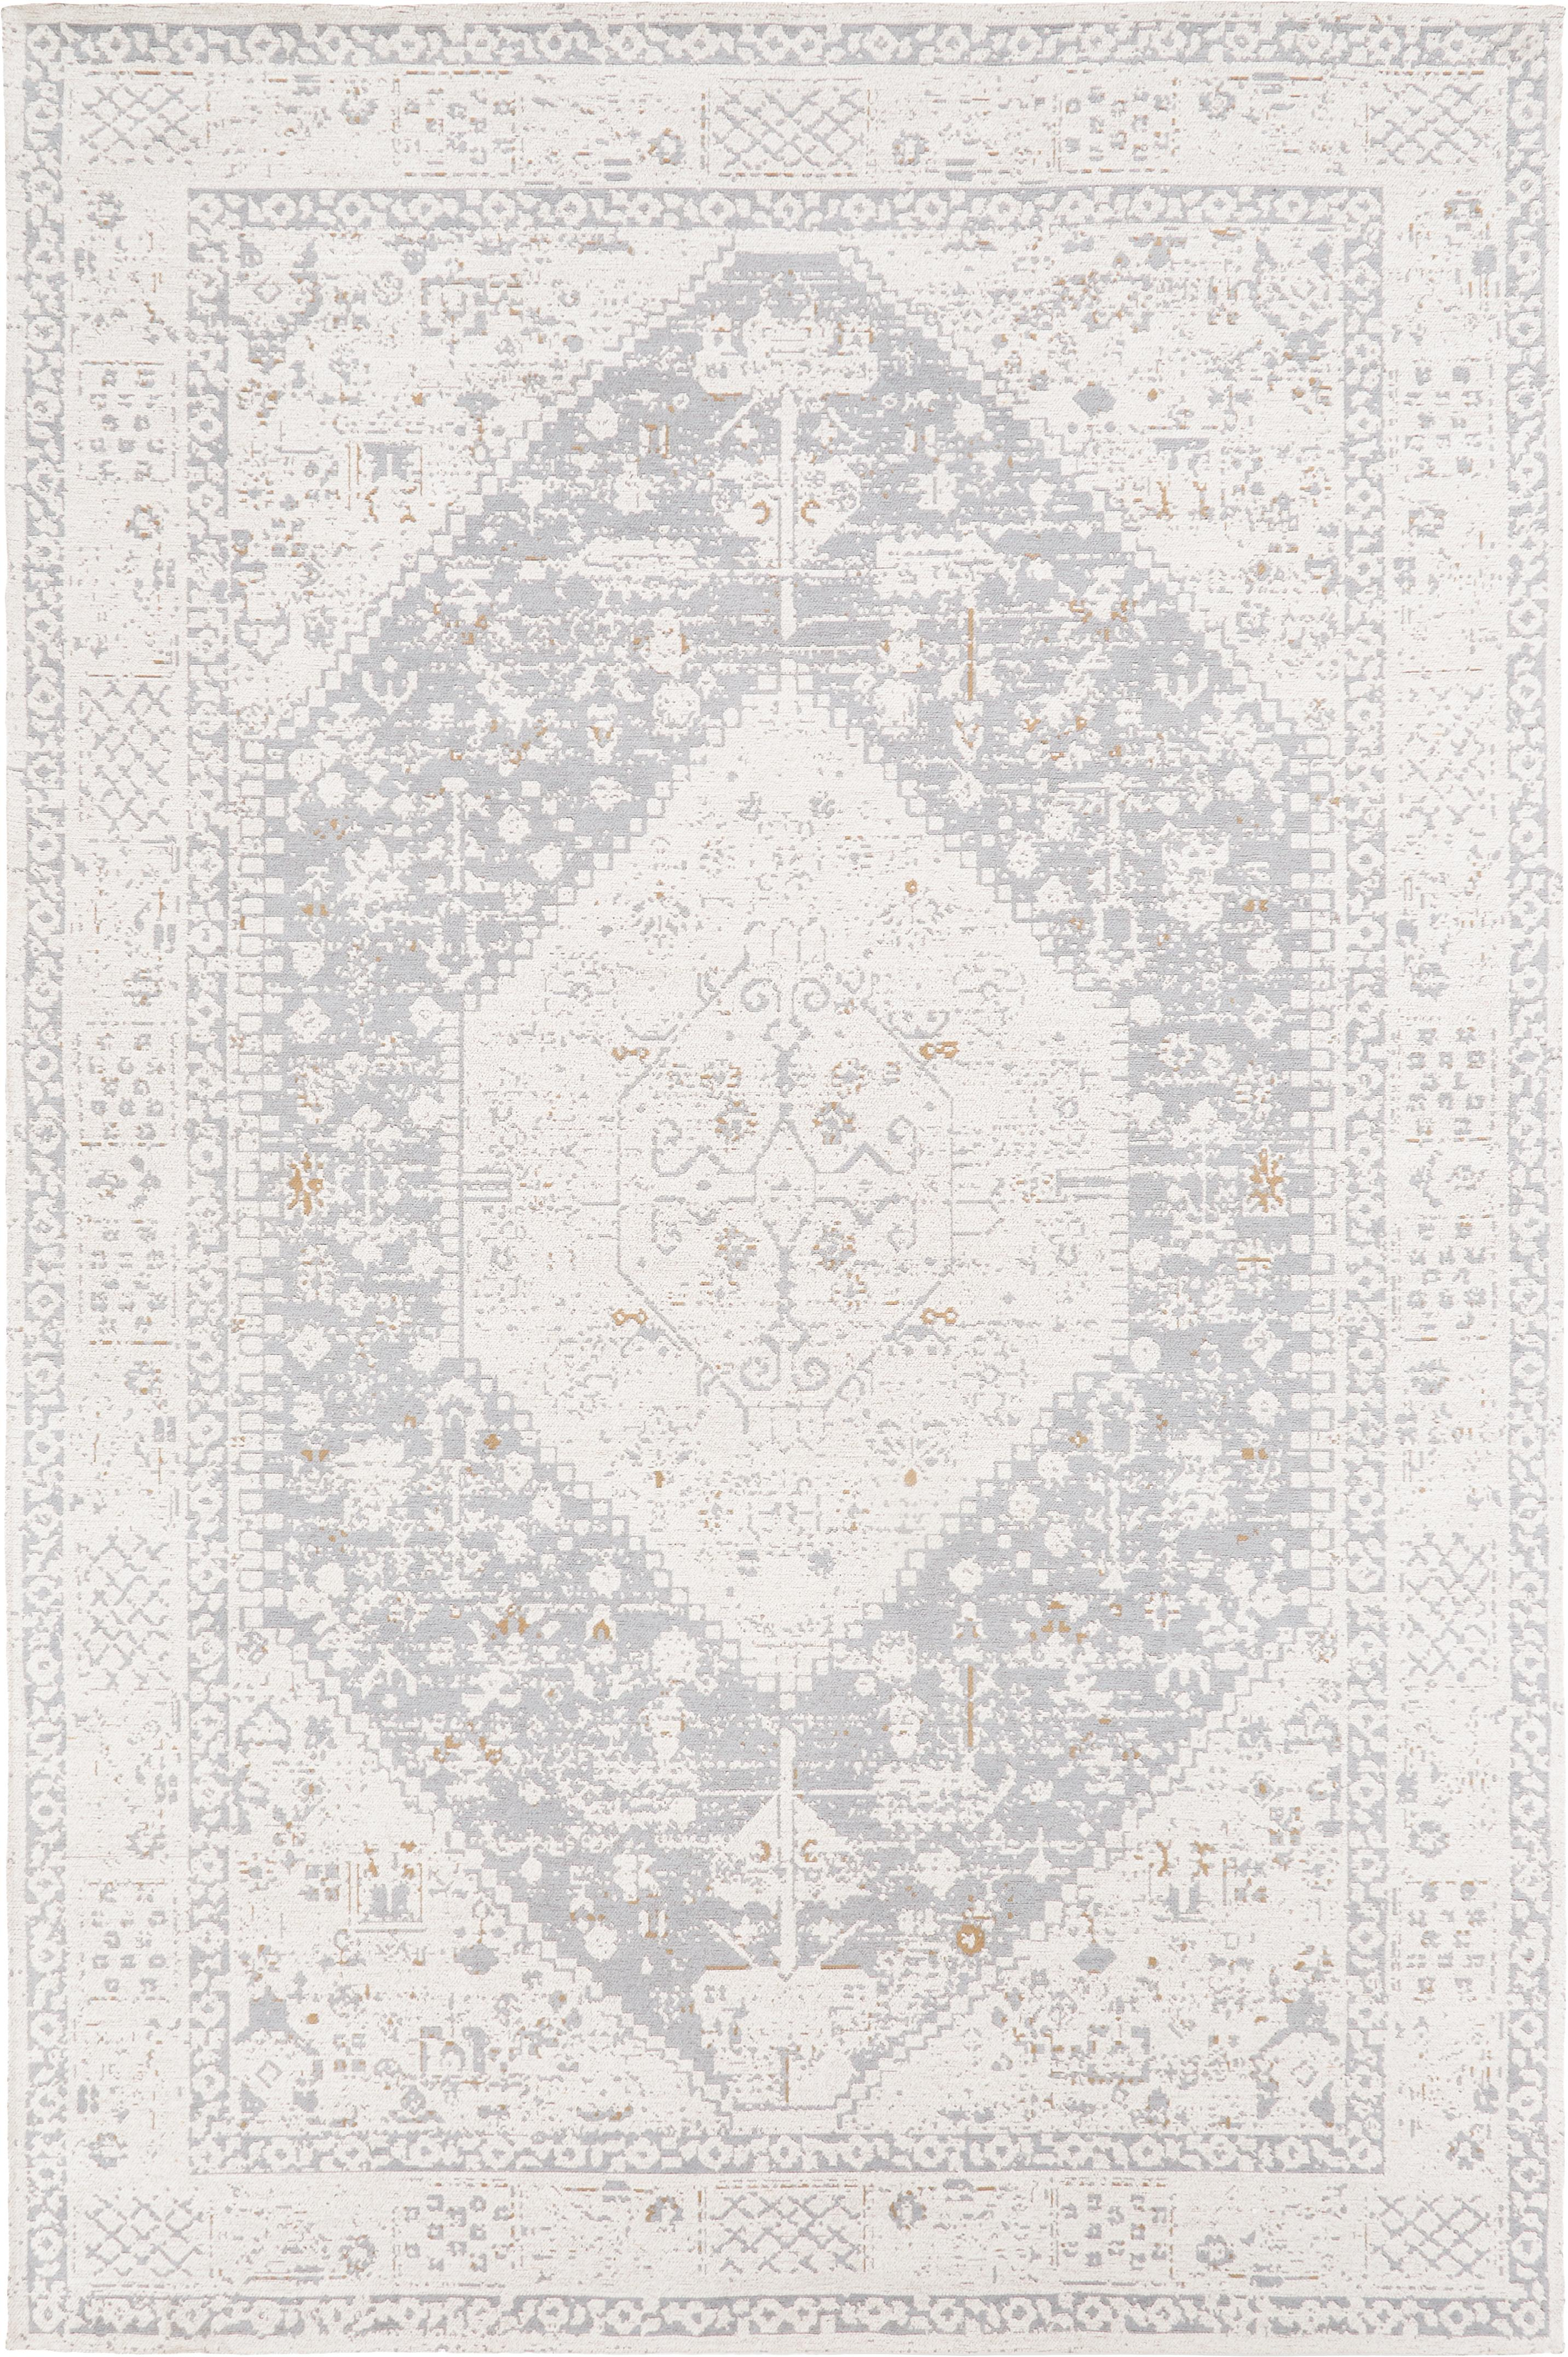 Handgewebter Chenilleteppich Neapel im Vintage Style, Flor: 95% Baumwolle, 5% Polyest, Hellgrau, Creme, Taupe, B 160 x L 230 cm (Größe M)